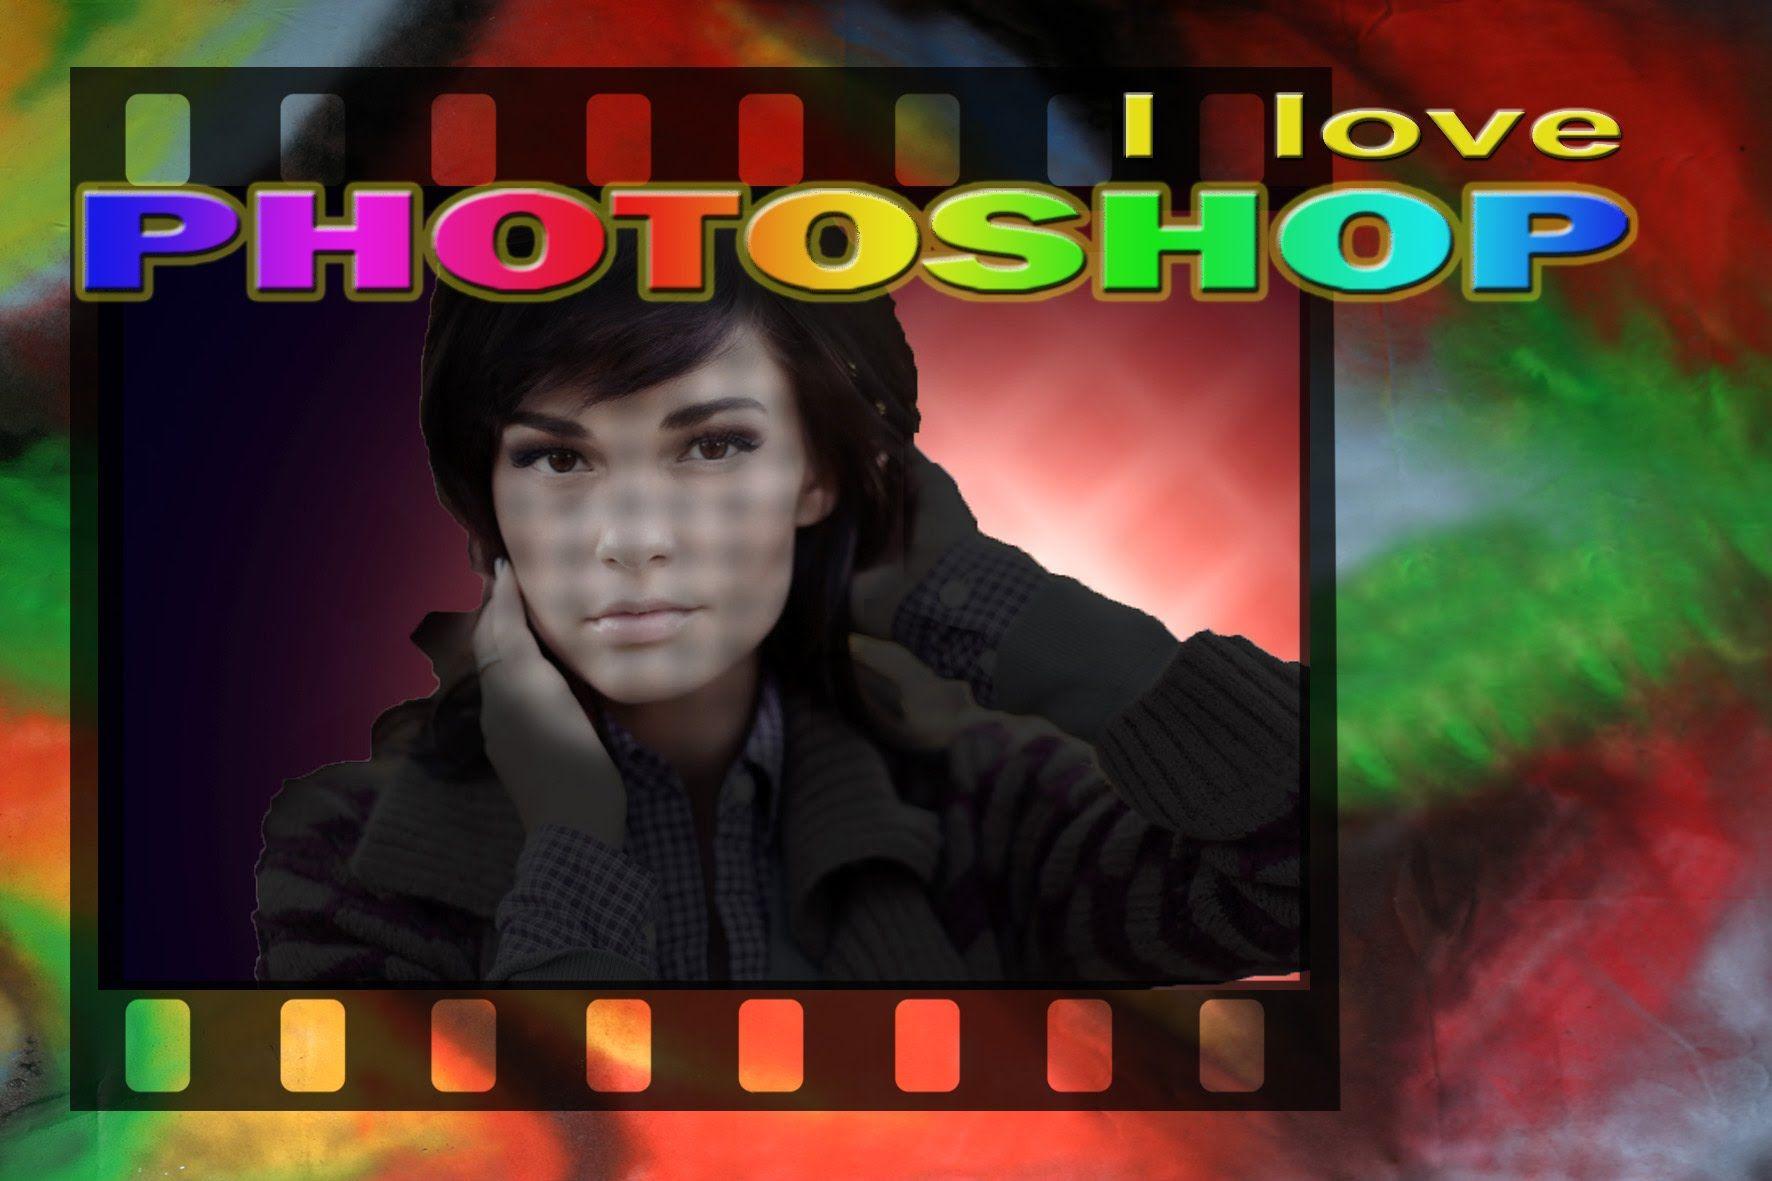 Photoshop Ritratto Artistico Con Luci E Ombre Ricreate Come